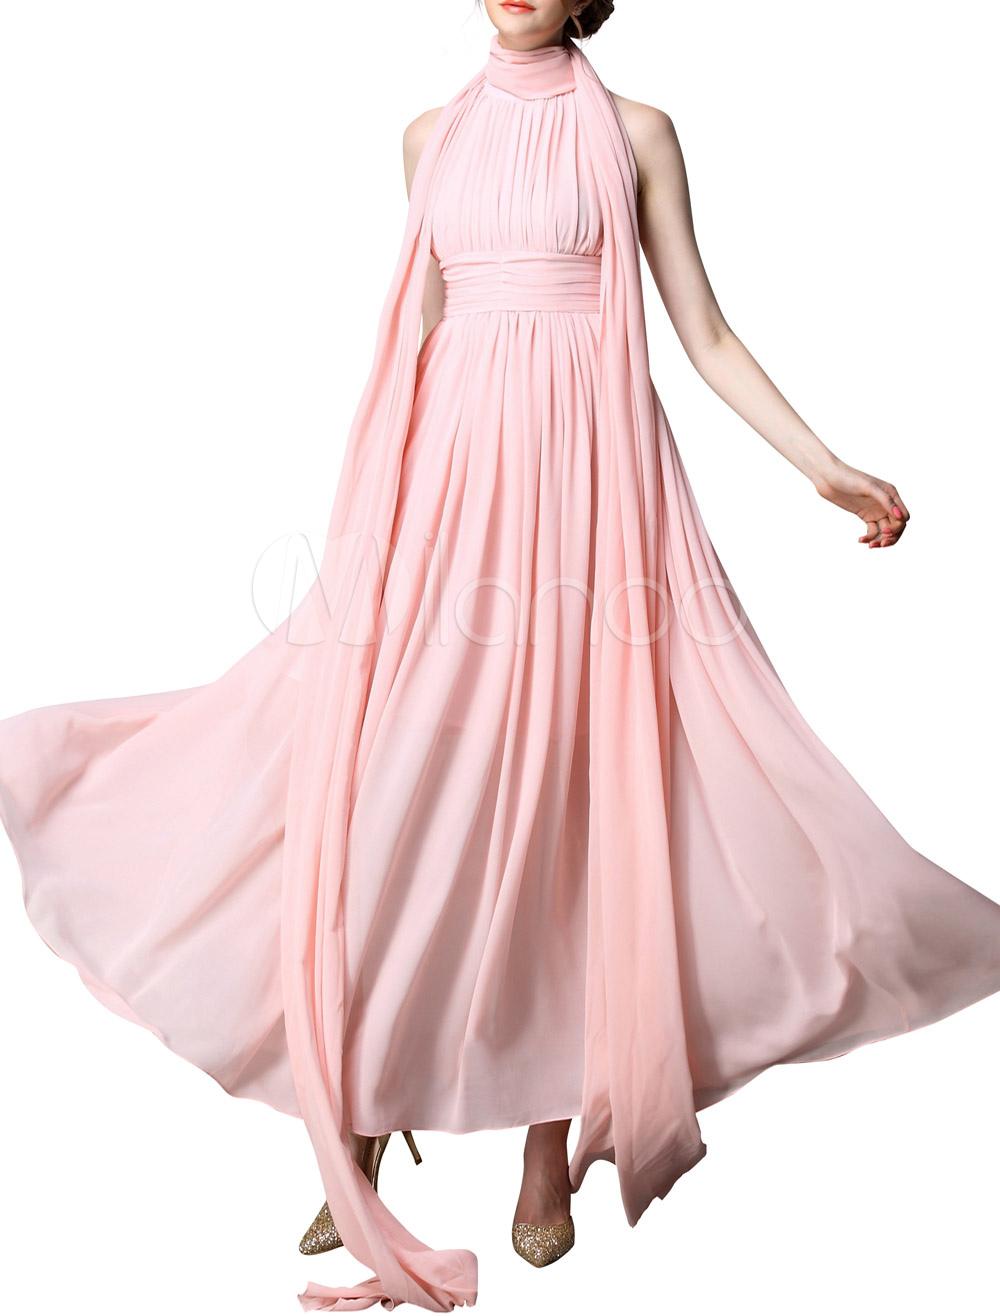 Vestido largo de chifón rosa con escote alto y pliegues - Milanoo.com